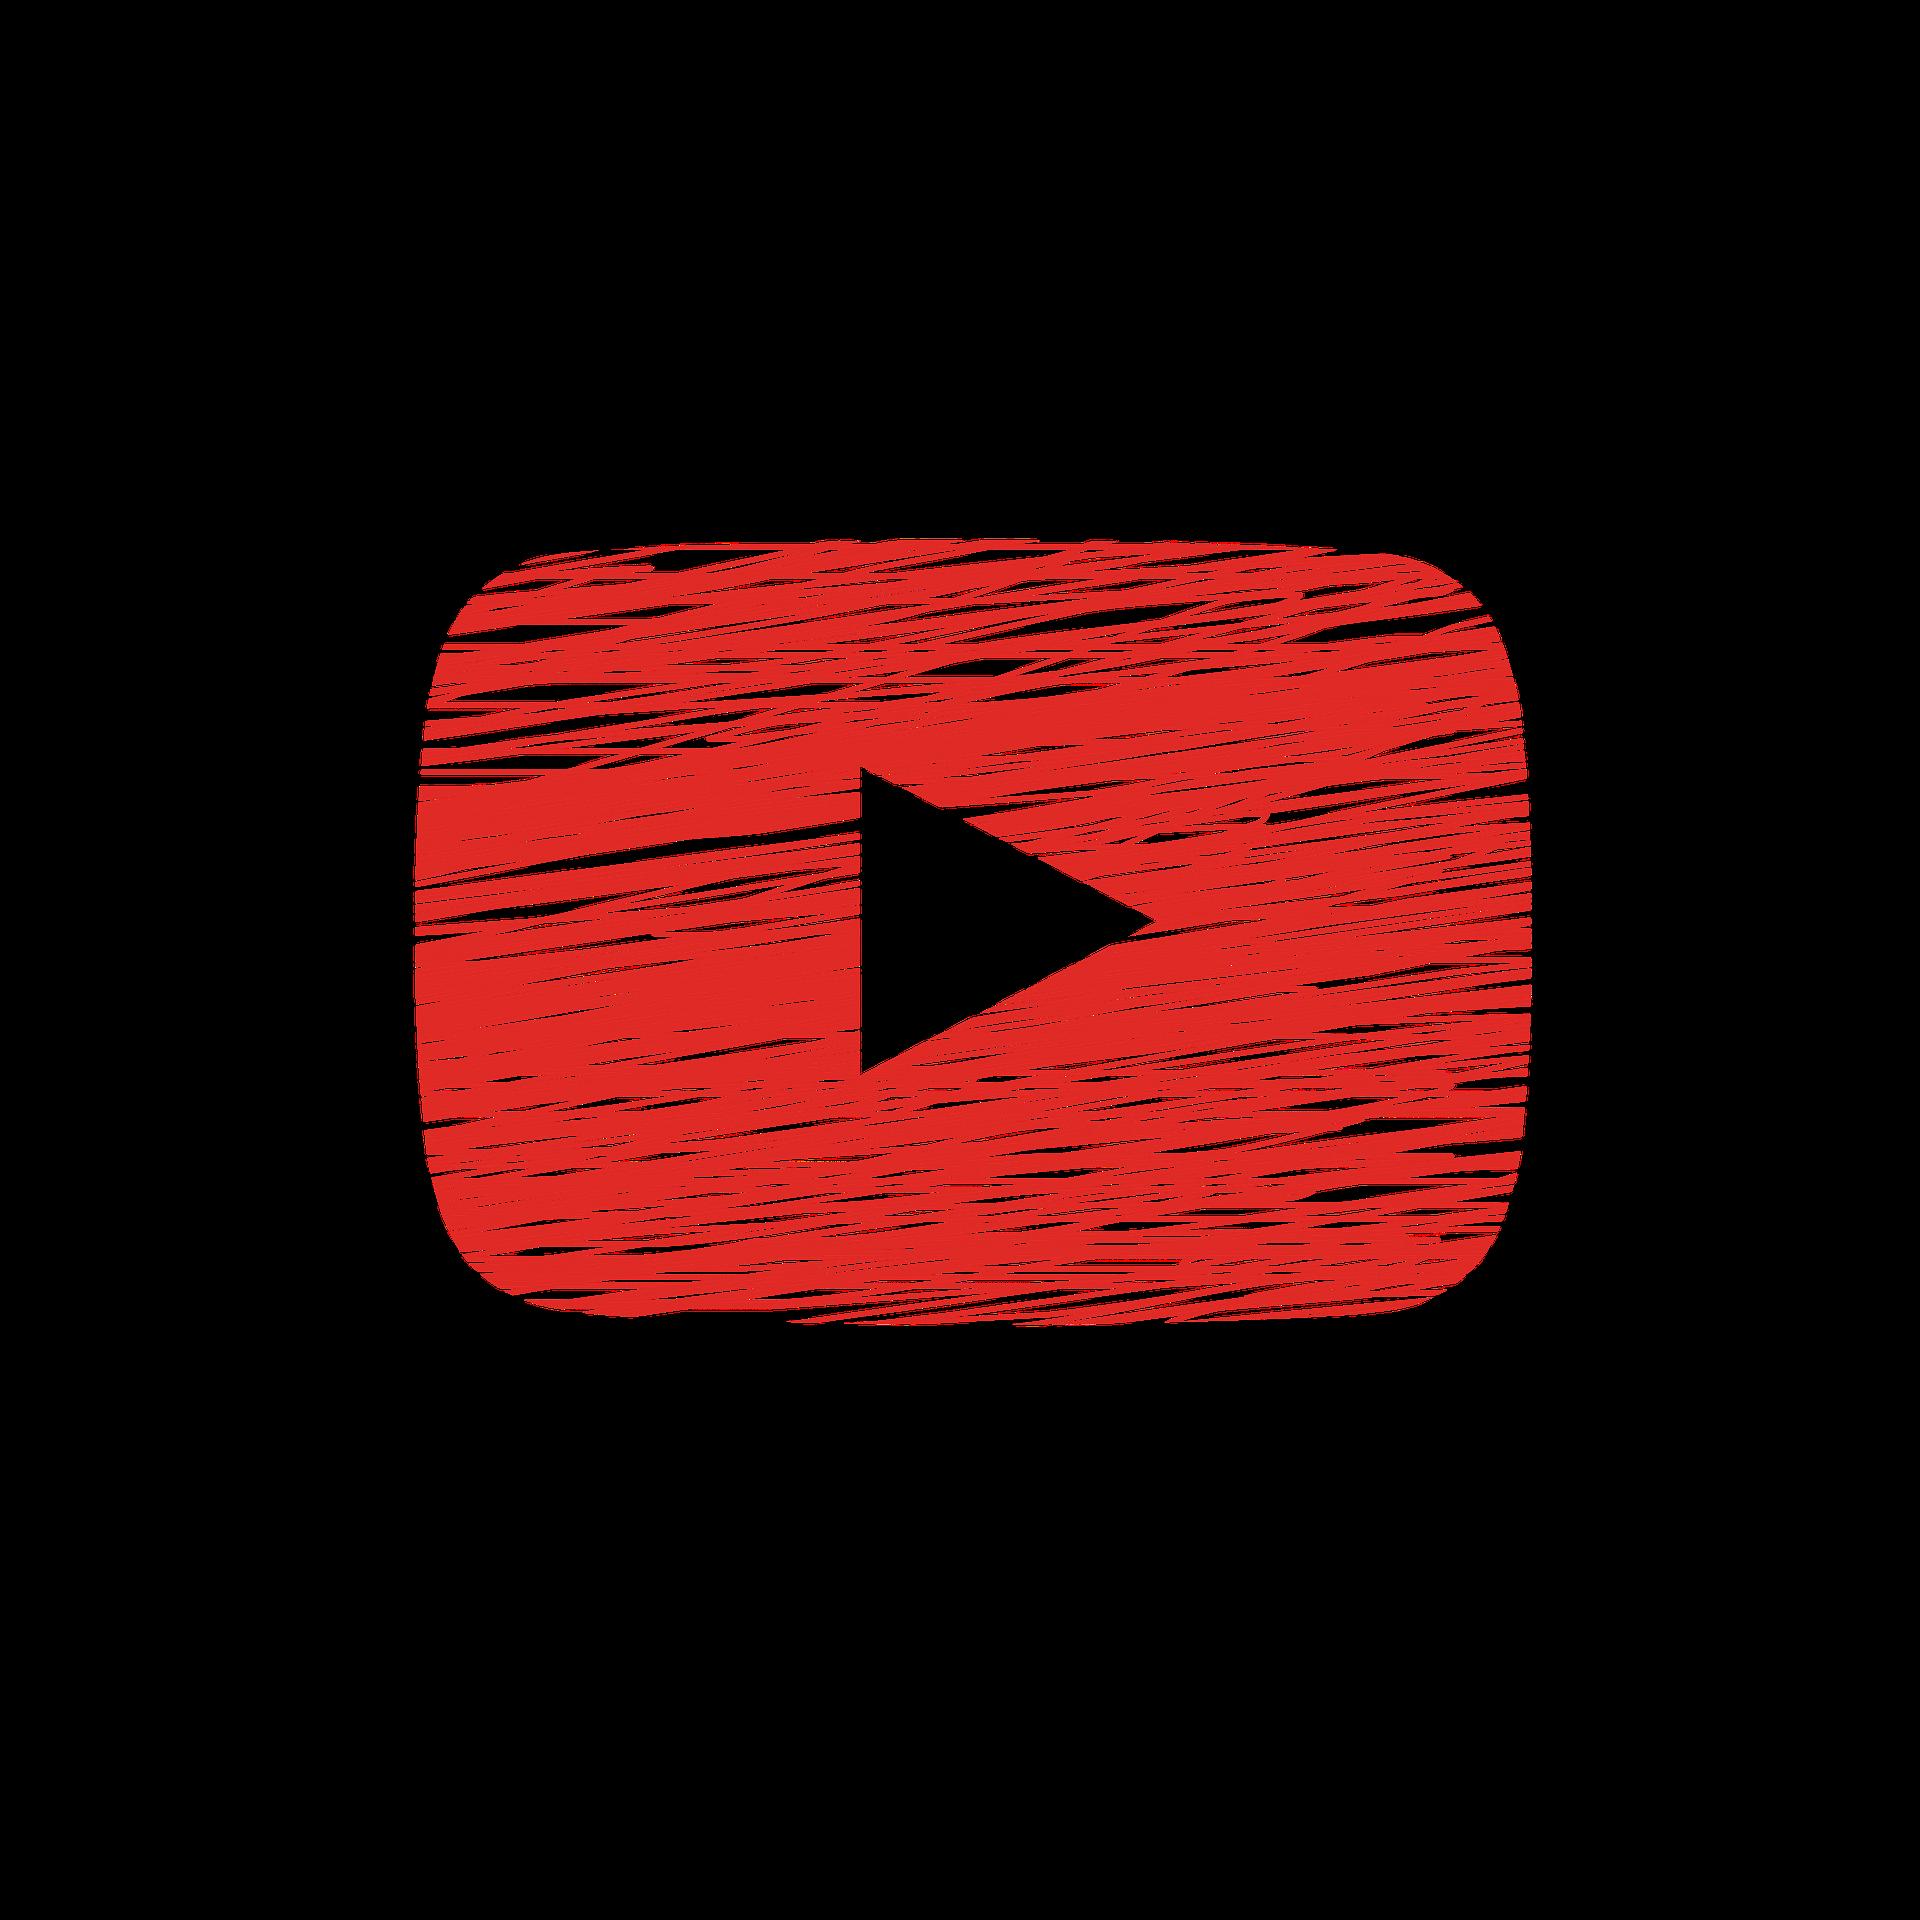 pozycjonowanie youtube 2019